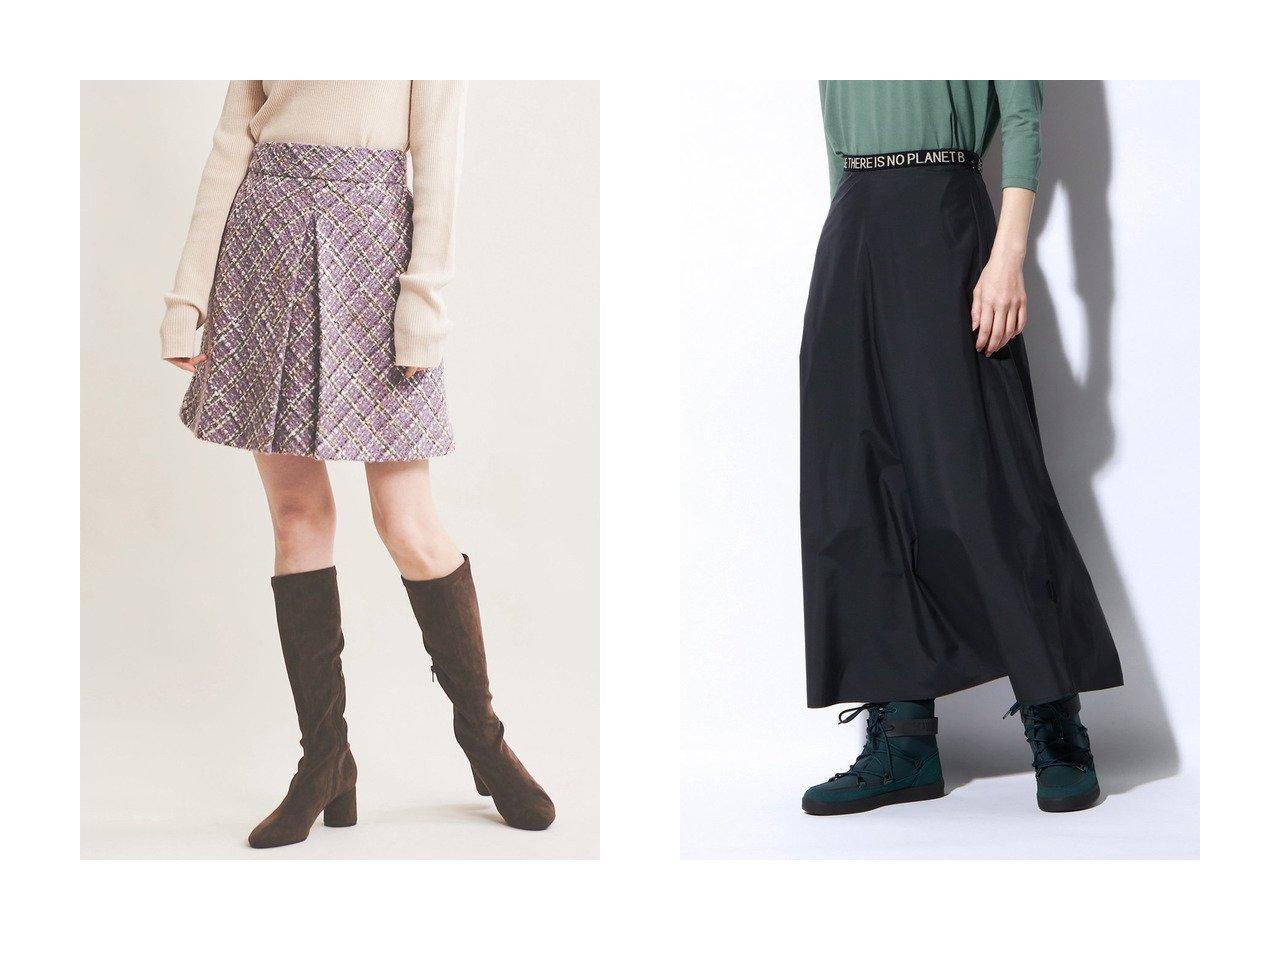 【The Virgnia/ザ ヴァージニア】のボックスタックミニスカート&【ECOALF/エコアルフ】のWALLTER ロング スカート WALLTER LONG SKIRT WOMAN スカートのおすすめ!人気、レディースファッションの通販 おすすめで人気のファッション通販商品 インテリア・家具・キッズファッション・メンズファッション・レディースファッション・服の通販 founy(ファニー) https://founy.com/ ファッション Fashion レディース WOMEN スカート Skirt ミニスカート Mini Skirts ロングスカート Long Skirt ウォーム ツイード トレンド ミニスカート ラベンダー ロング 人気 台形 スニーカー |ID:crp329100000000077